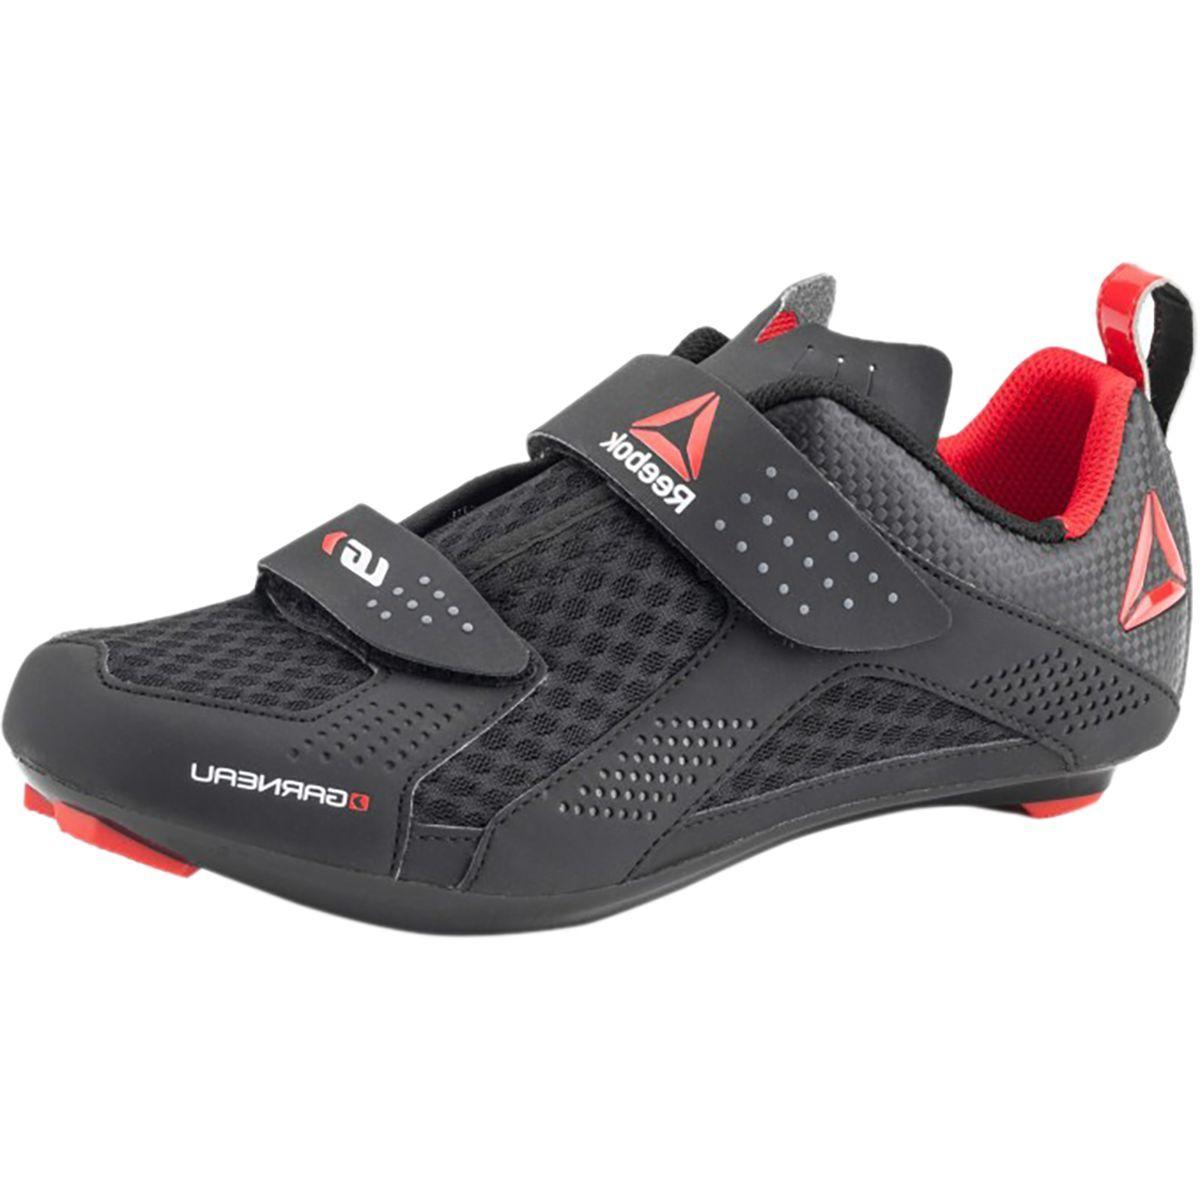 Louis Garneau Actifly Cycling Shoes - Men's